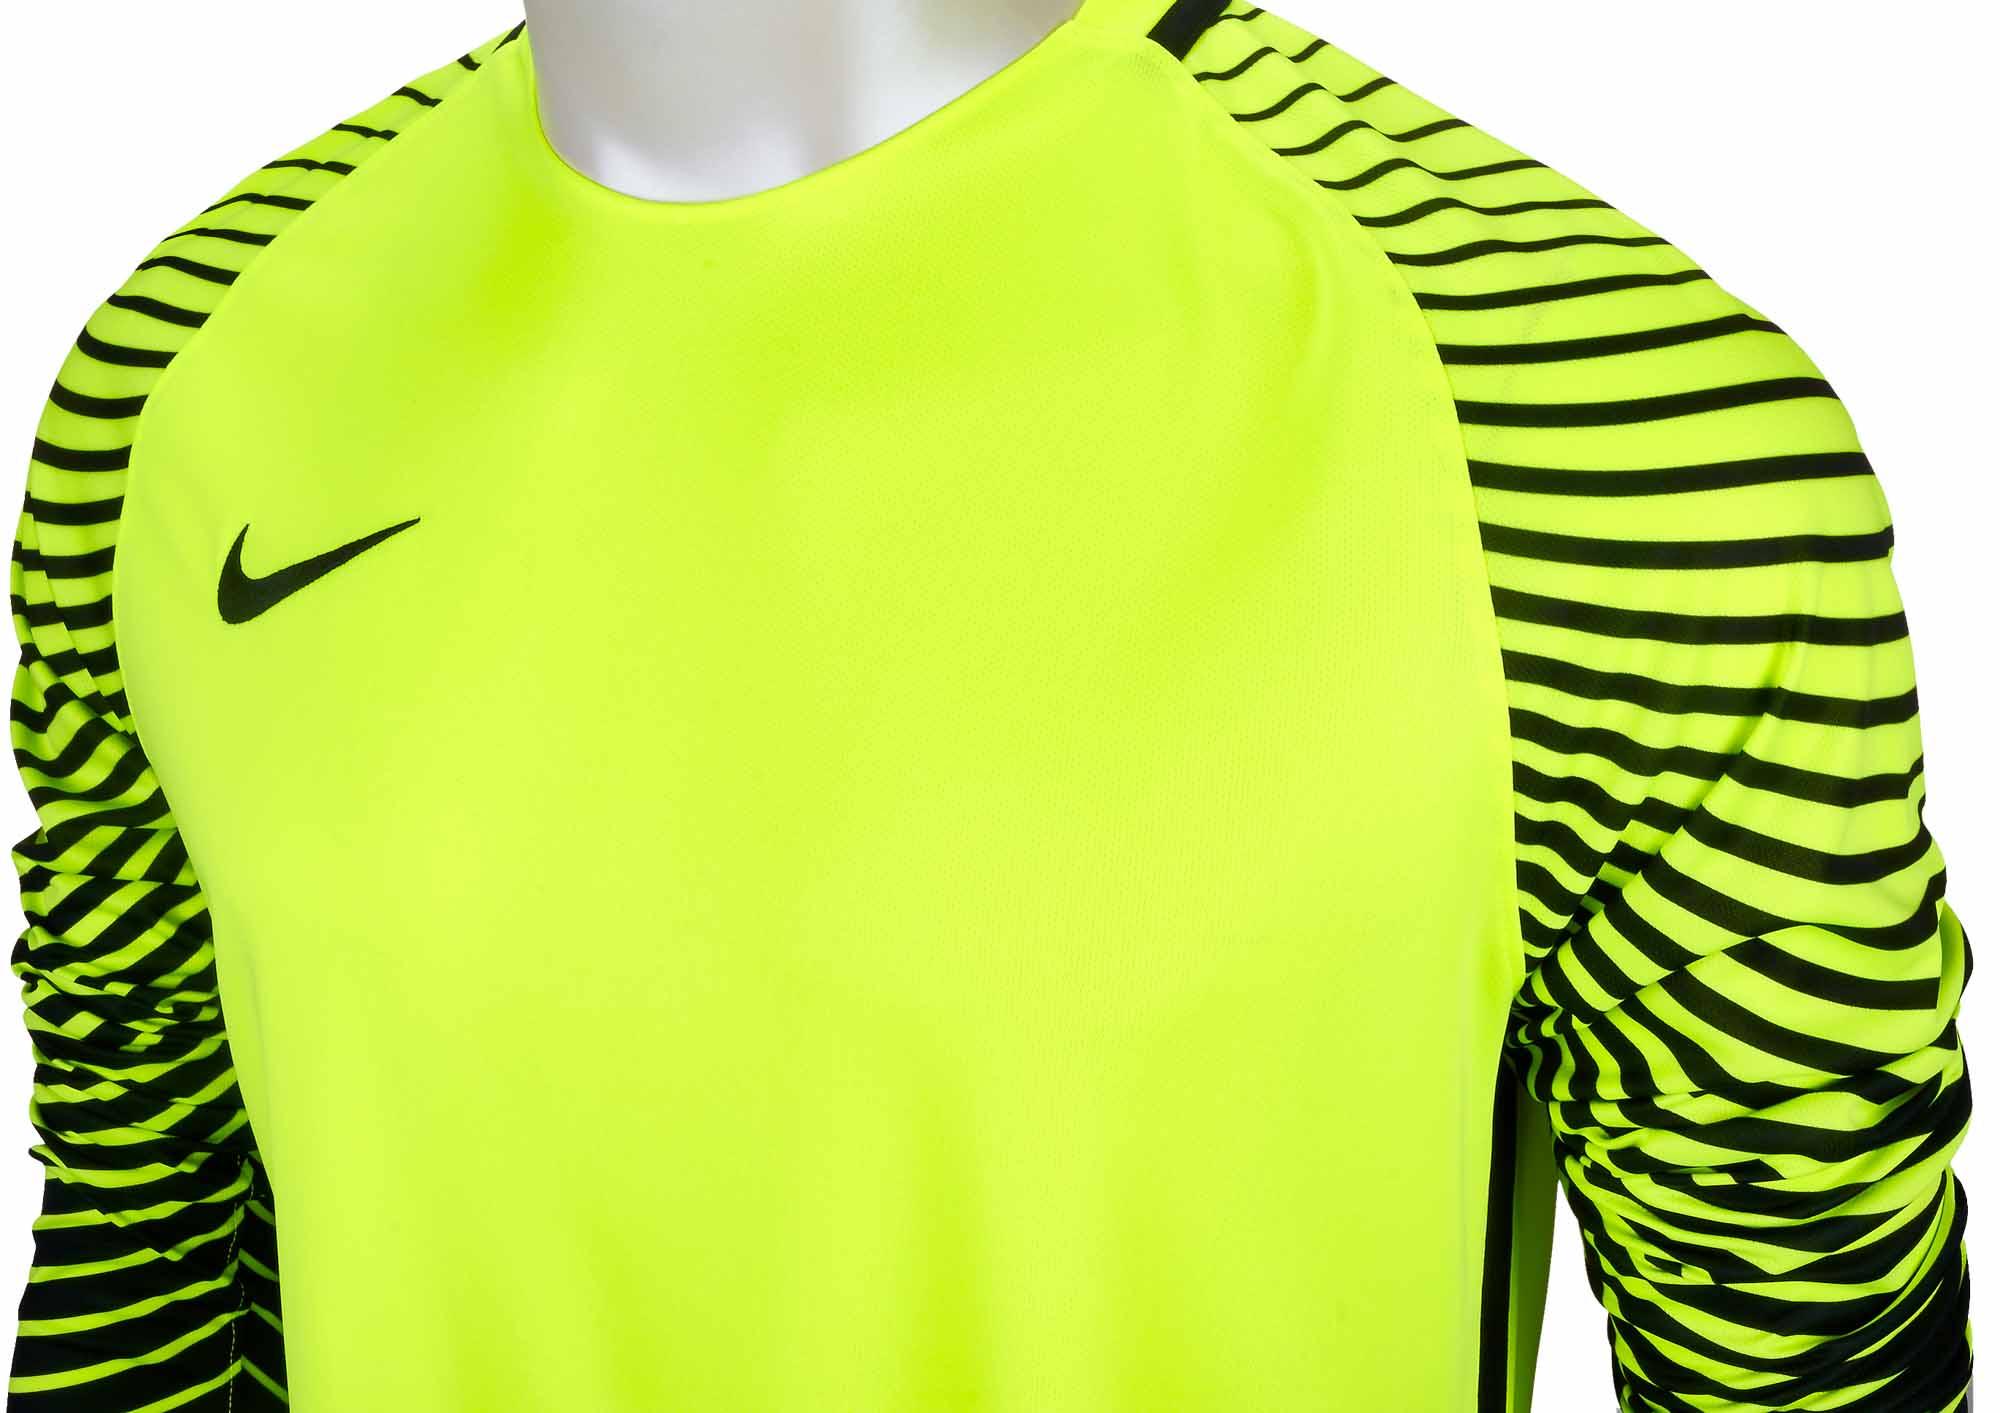 a7cb6b45184 Nike Gardien Goalkeeper Jersey - Volt & Black